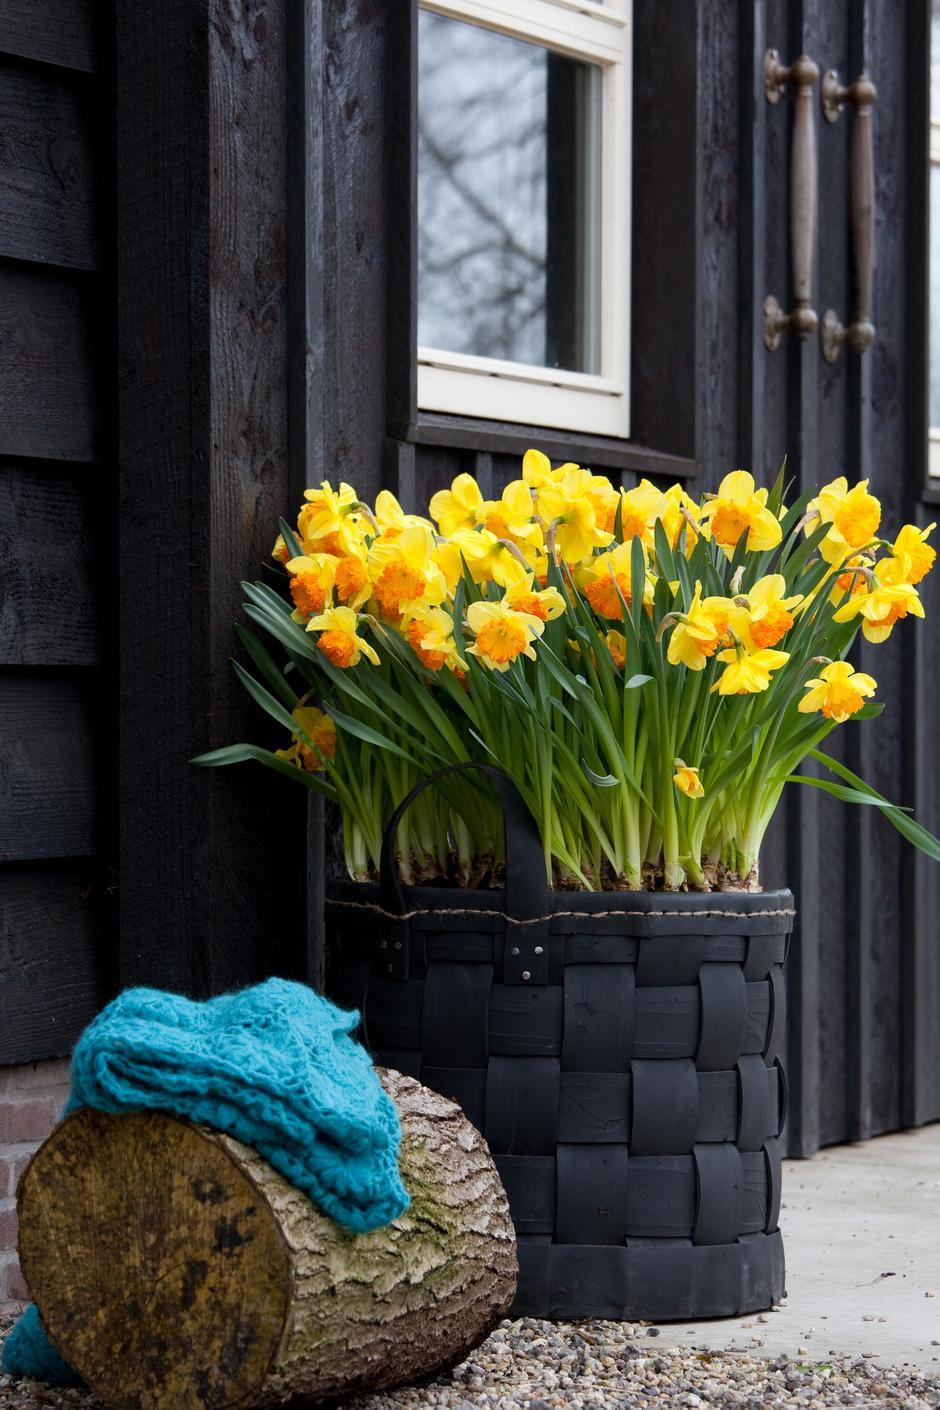 flowers decoration garden color summer flora nature leaf house easter pot